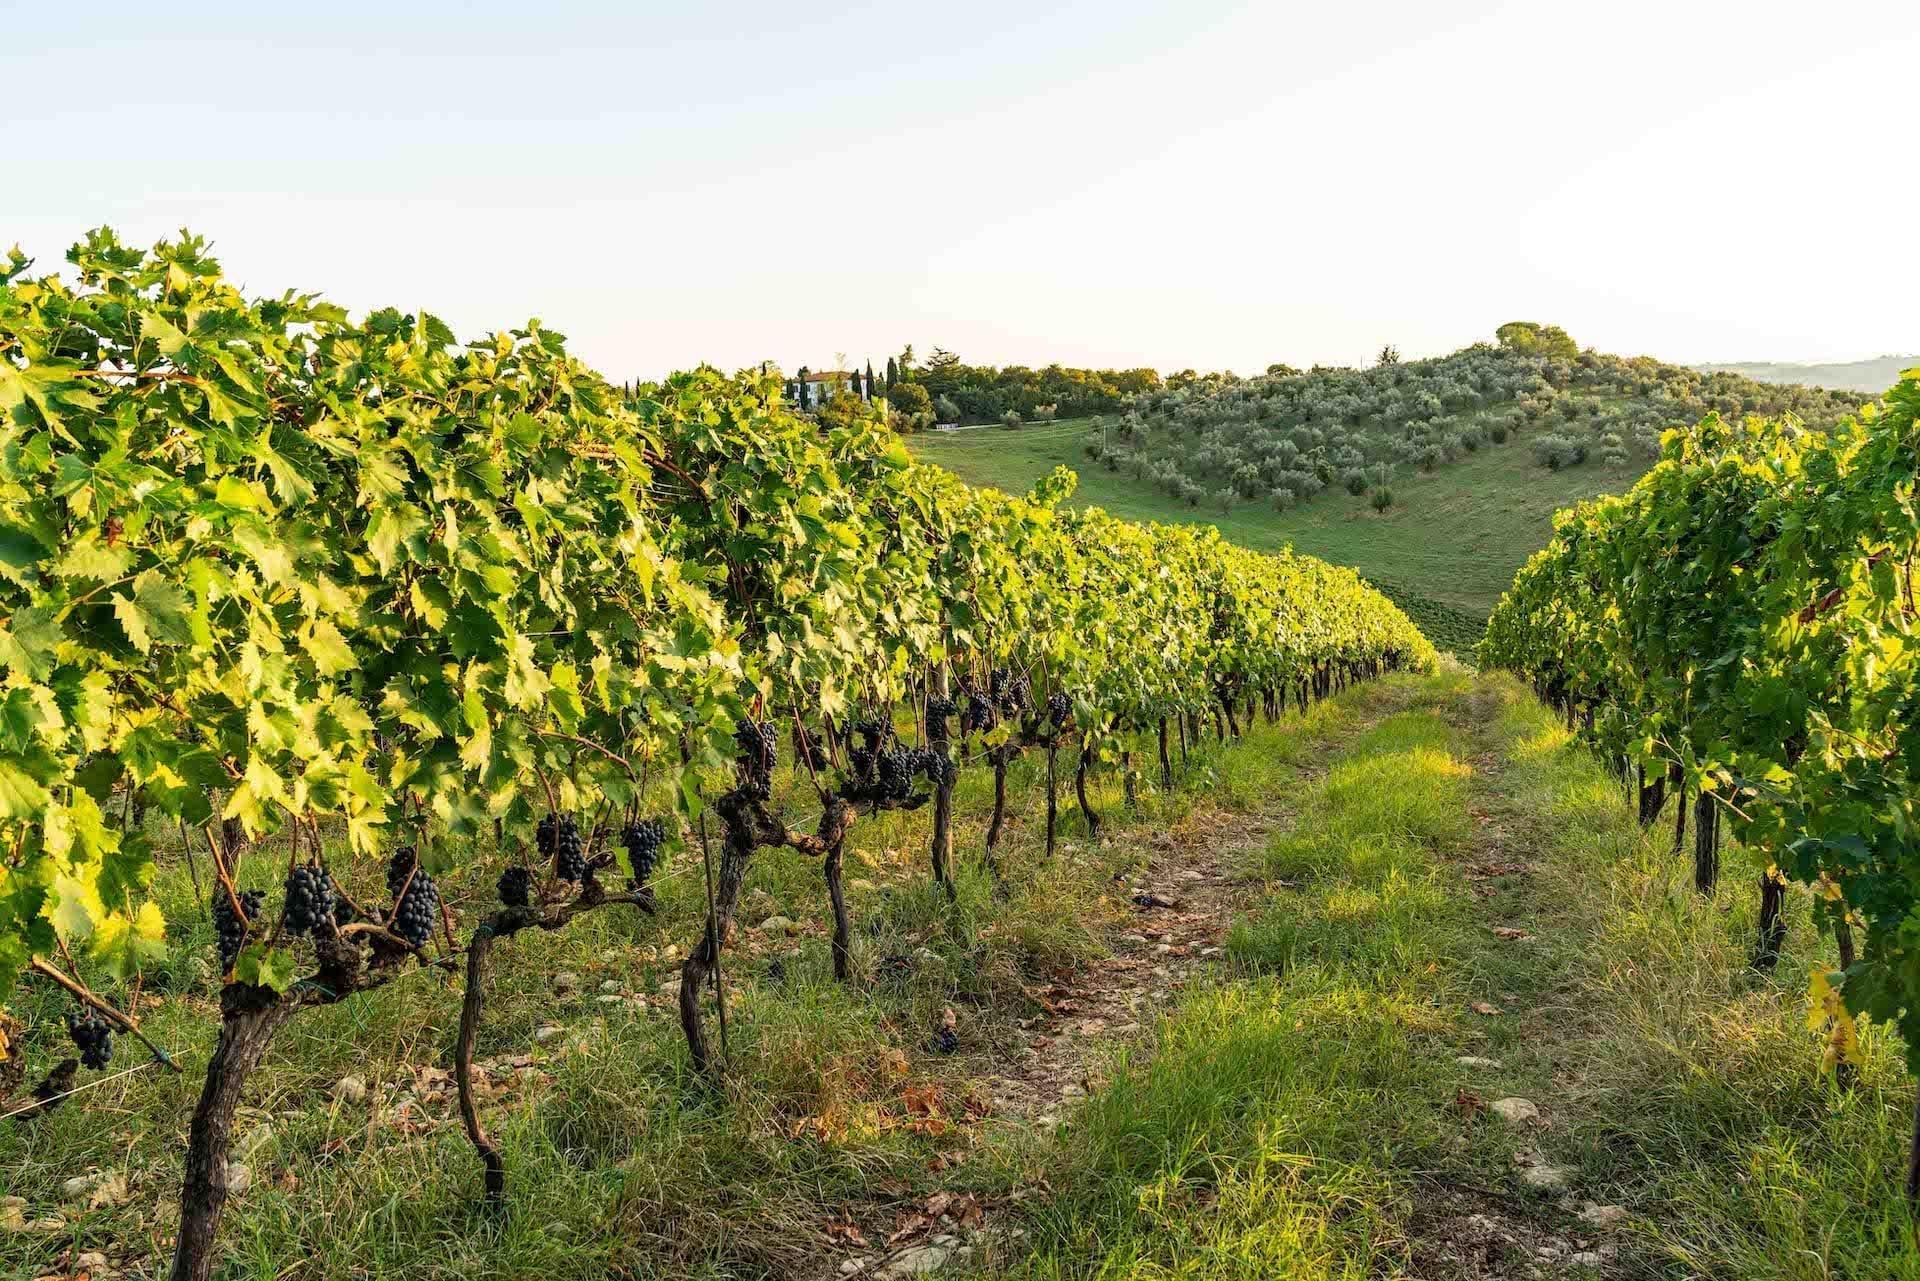 https://s3-eu-central-1.amazonaws.com/principecorsini/wp-content/uploads/2020/02/07165717/Fico-Wine-Principe-Corsini-15.jpg